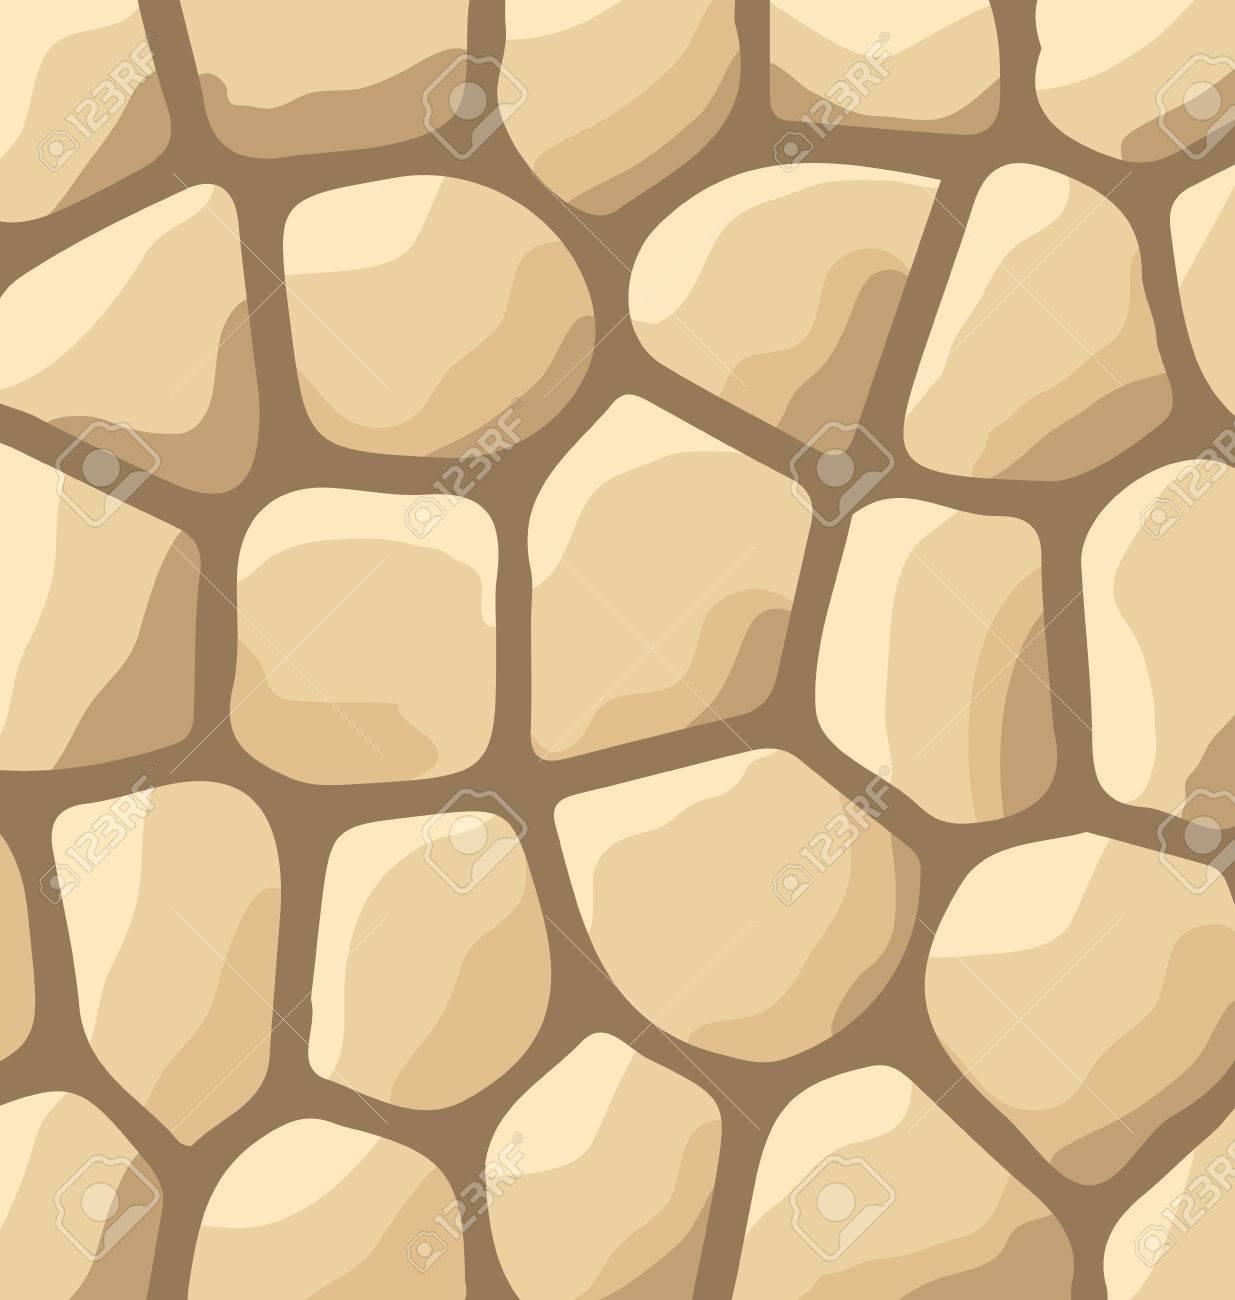 ilustracin textura de piedras fondo de la pared de piedra vector foto de archivo